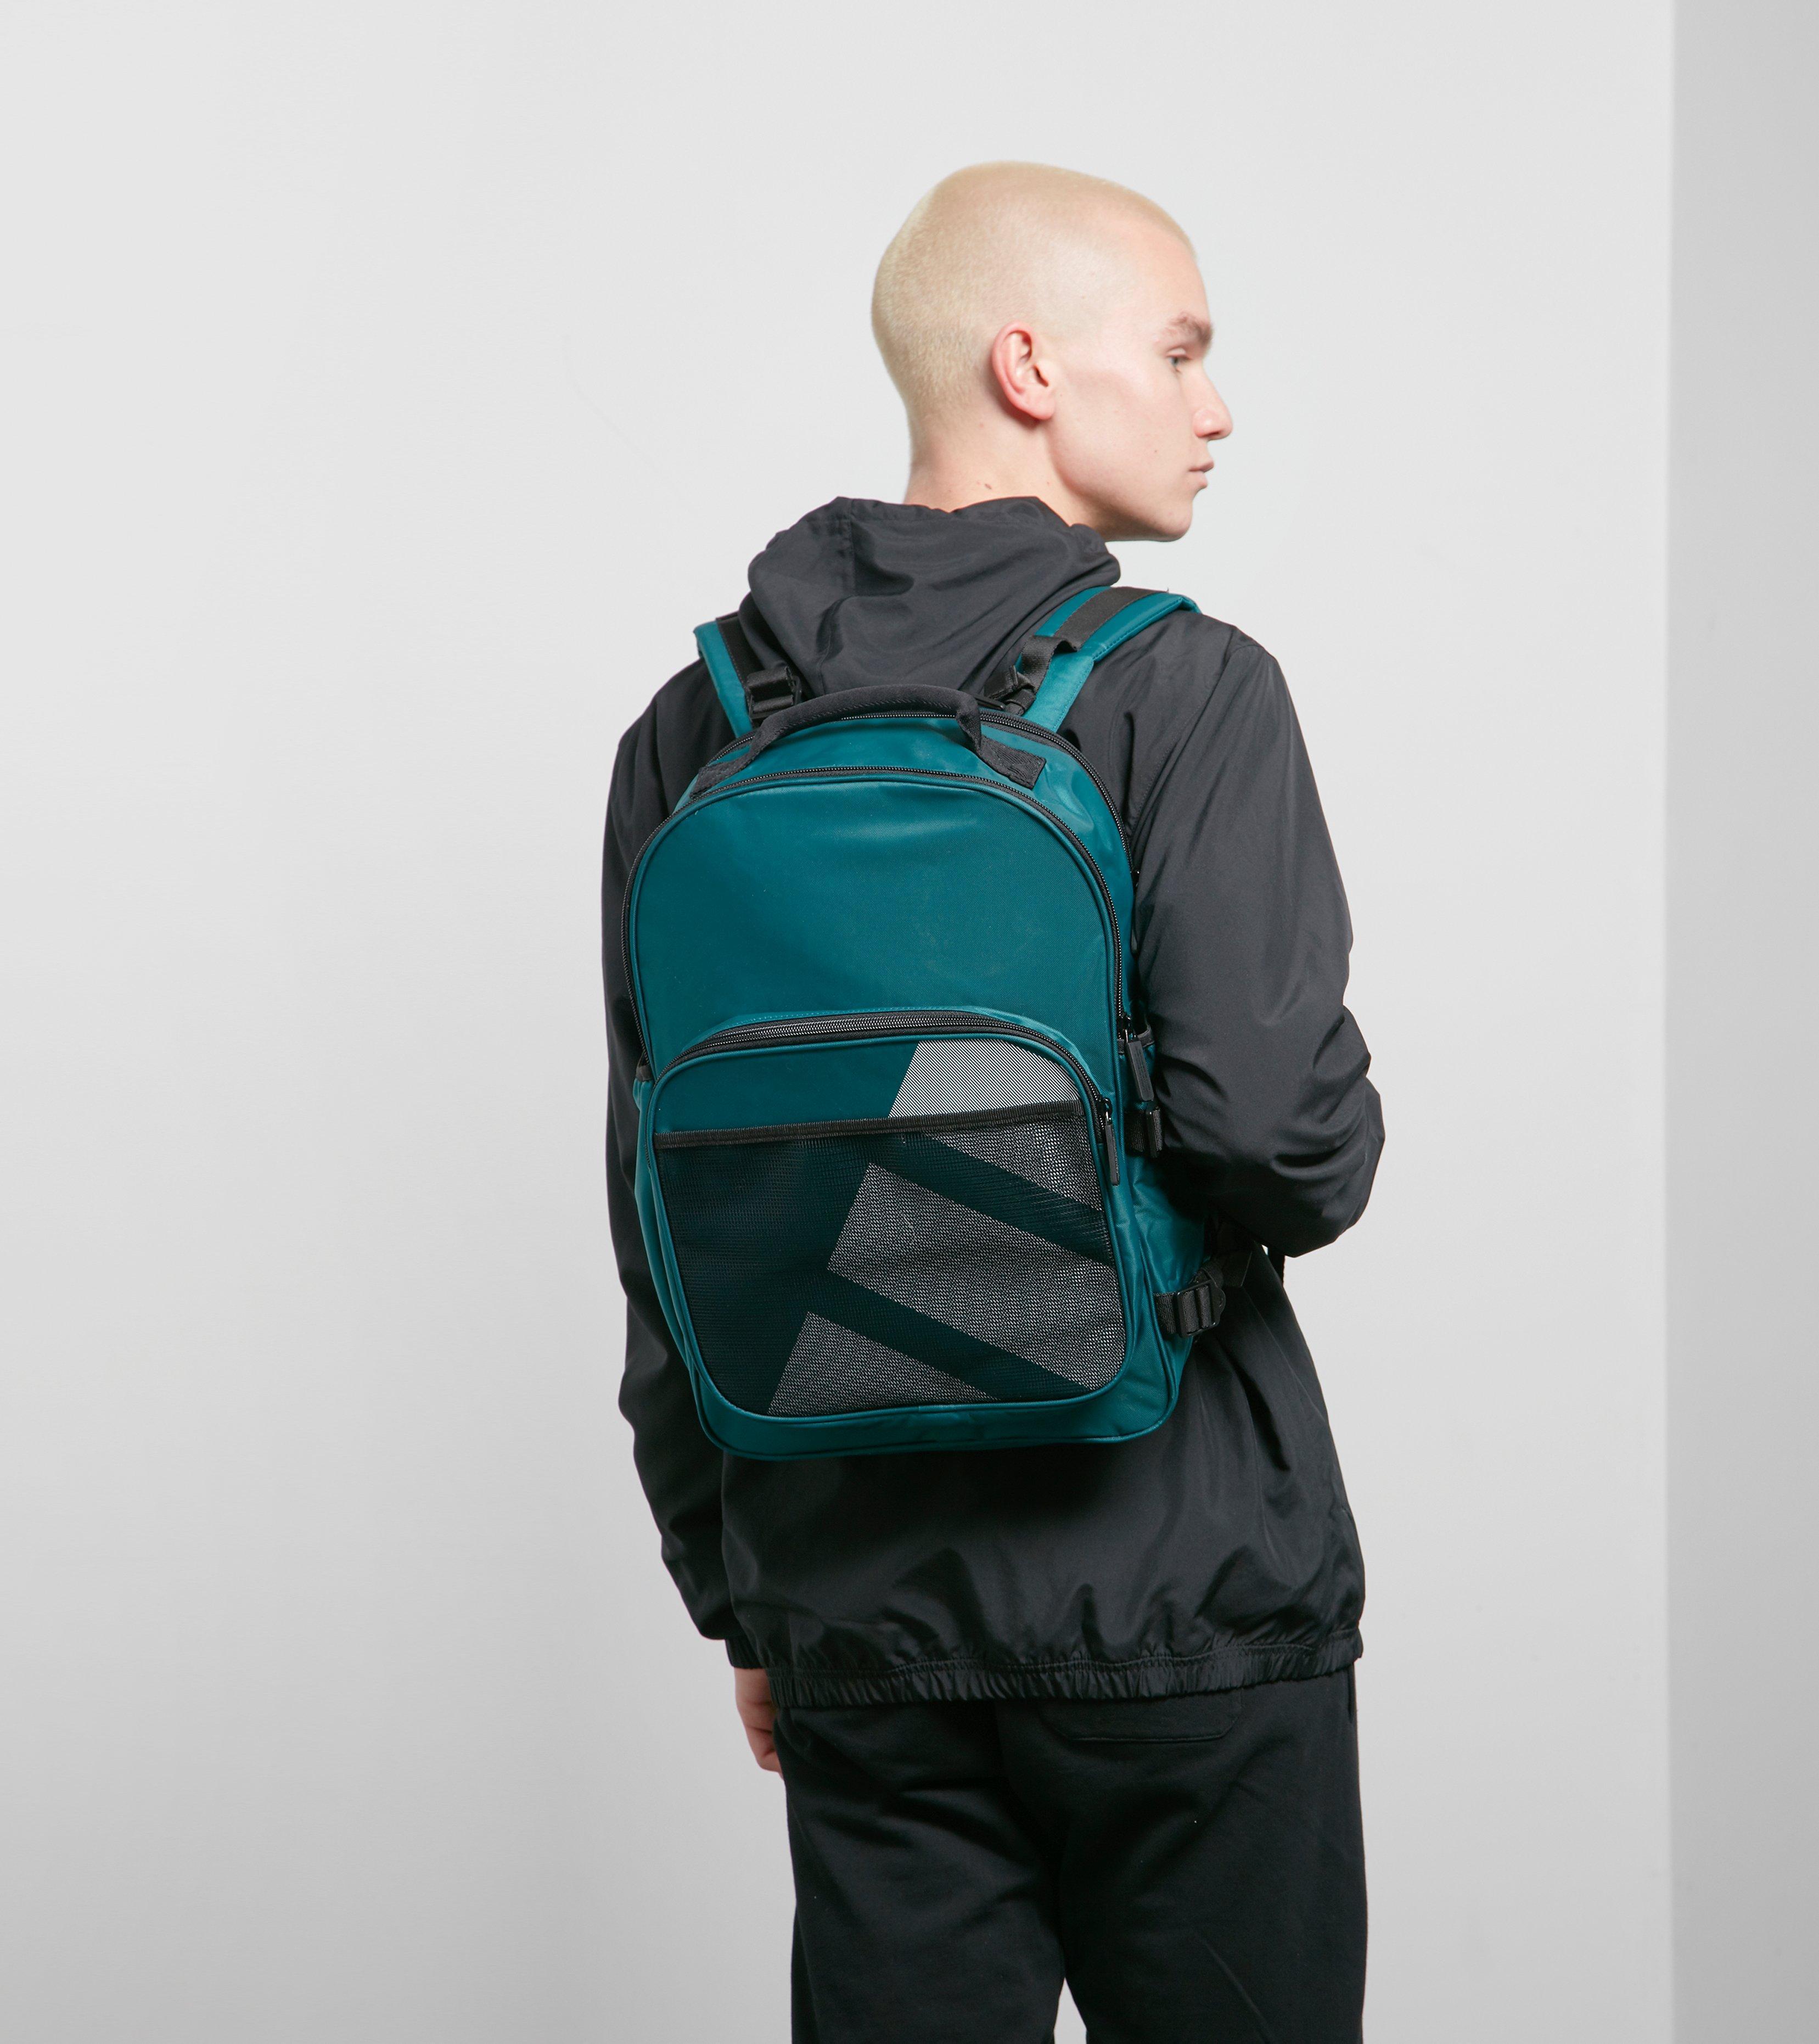 Lyst - adidas Originals Eqt Classic Backpack in Green for Men 153f1a1220371